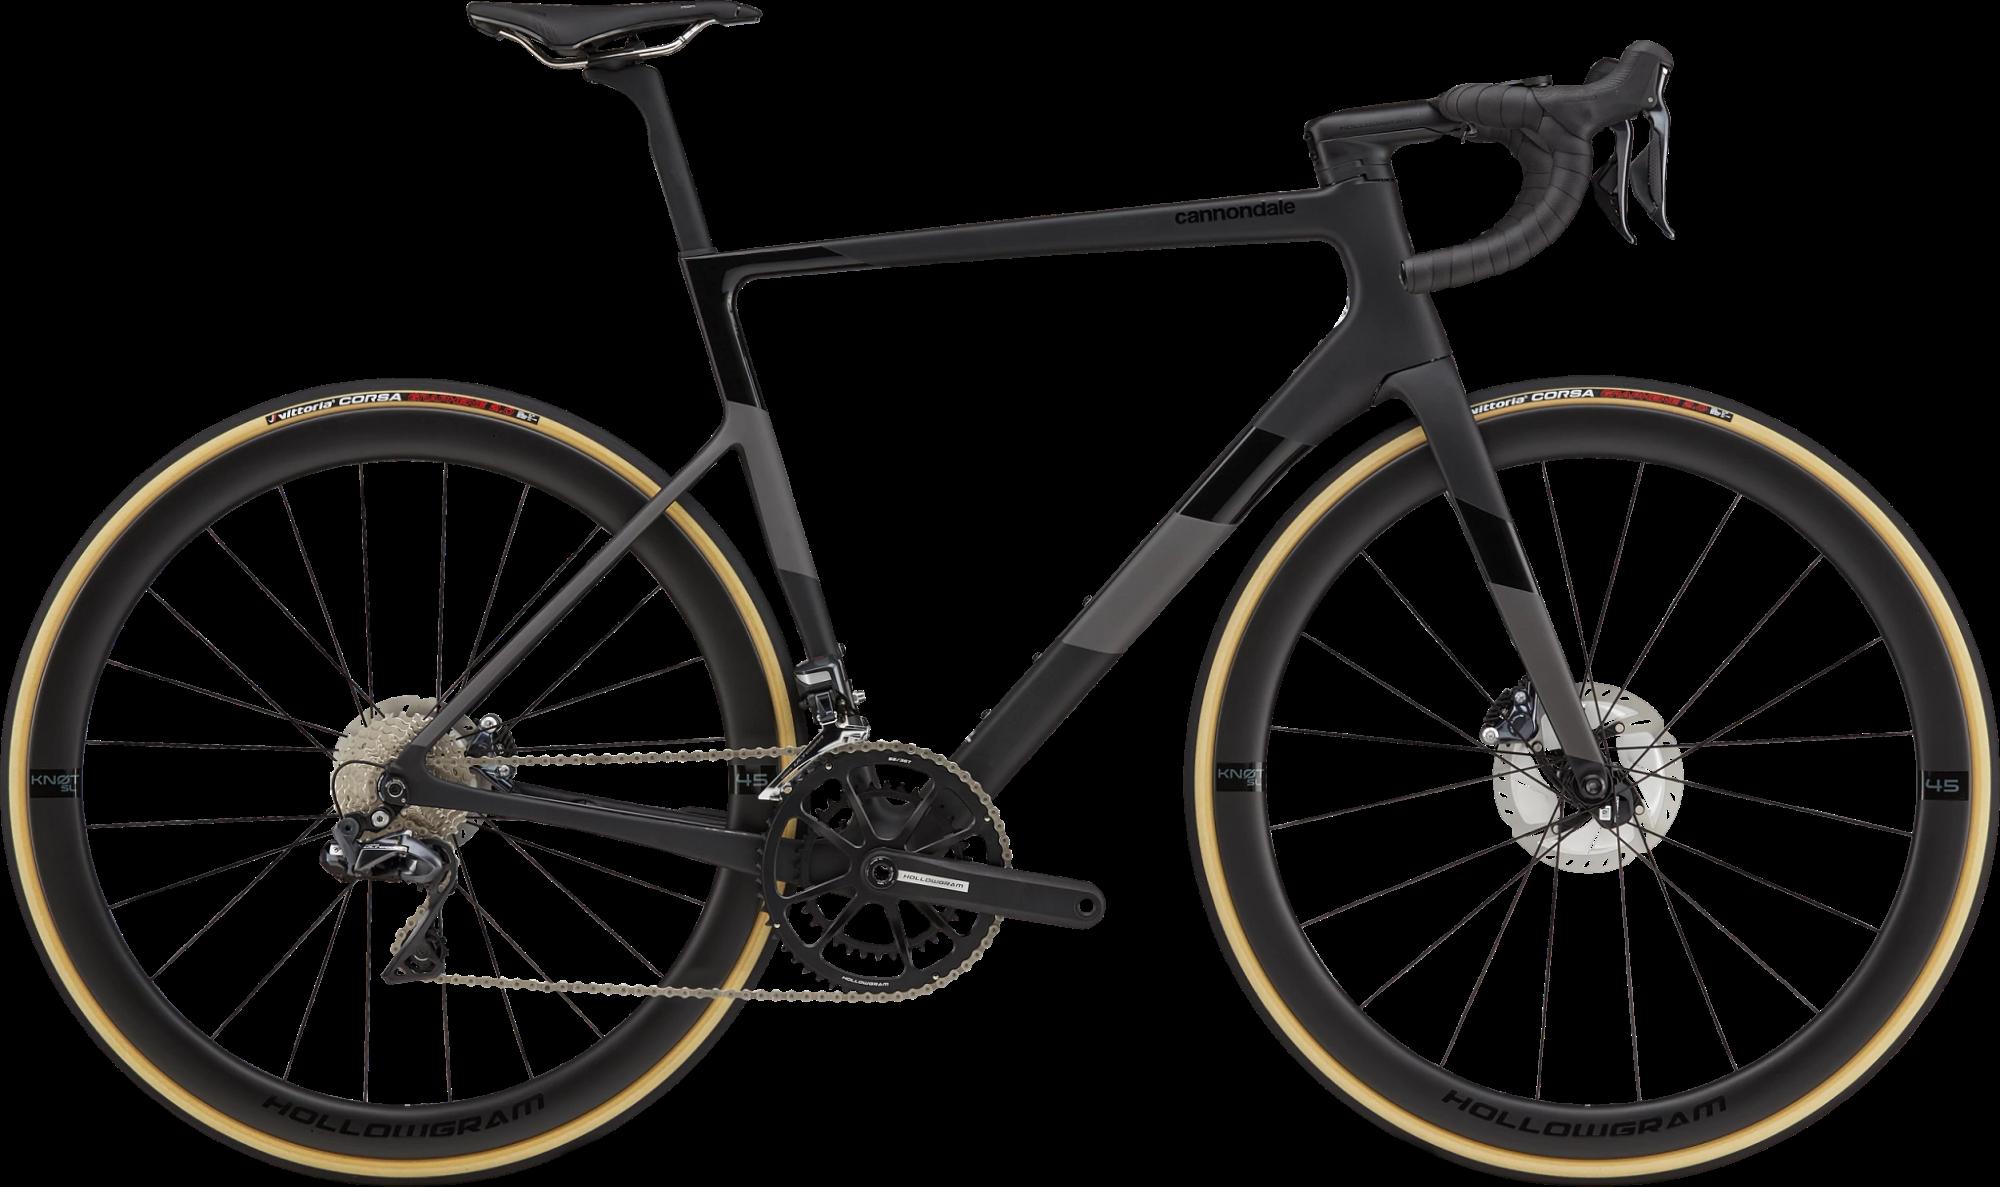 Cannondale SuperSix EVO Hi Mod Carbon Disc Ultegra Di2 Road Bike Blk